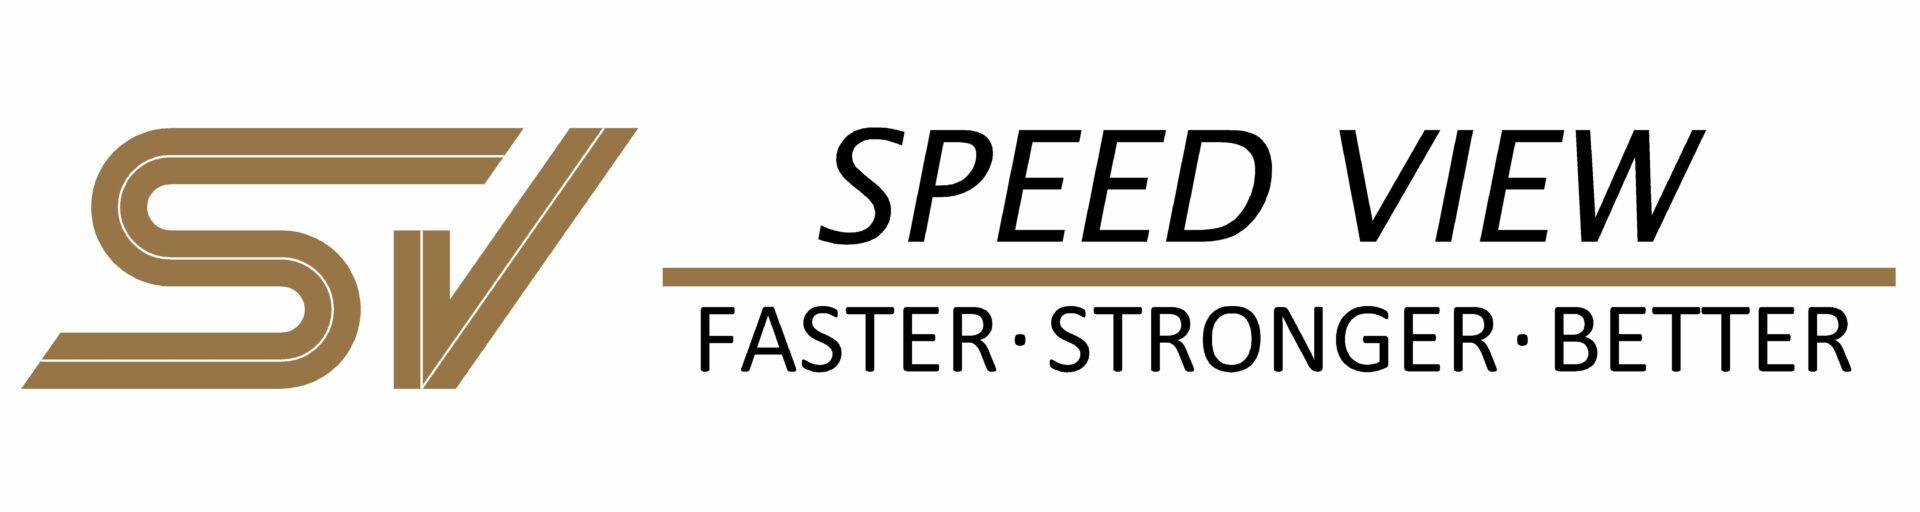 https://secureservercdn.net/198.71.233.179/620.f7e.myftpupload.com/wp-content/uploads/2019/11/speedview.jpg